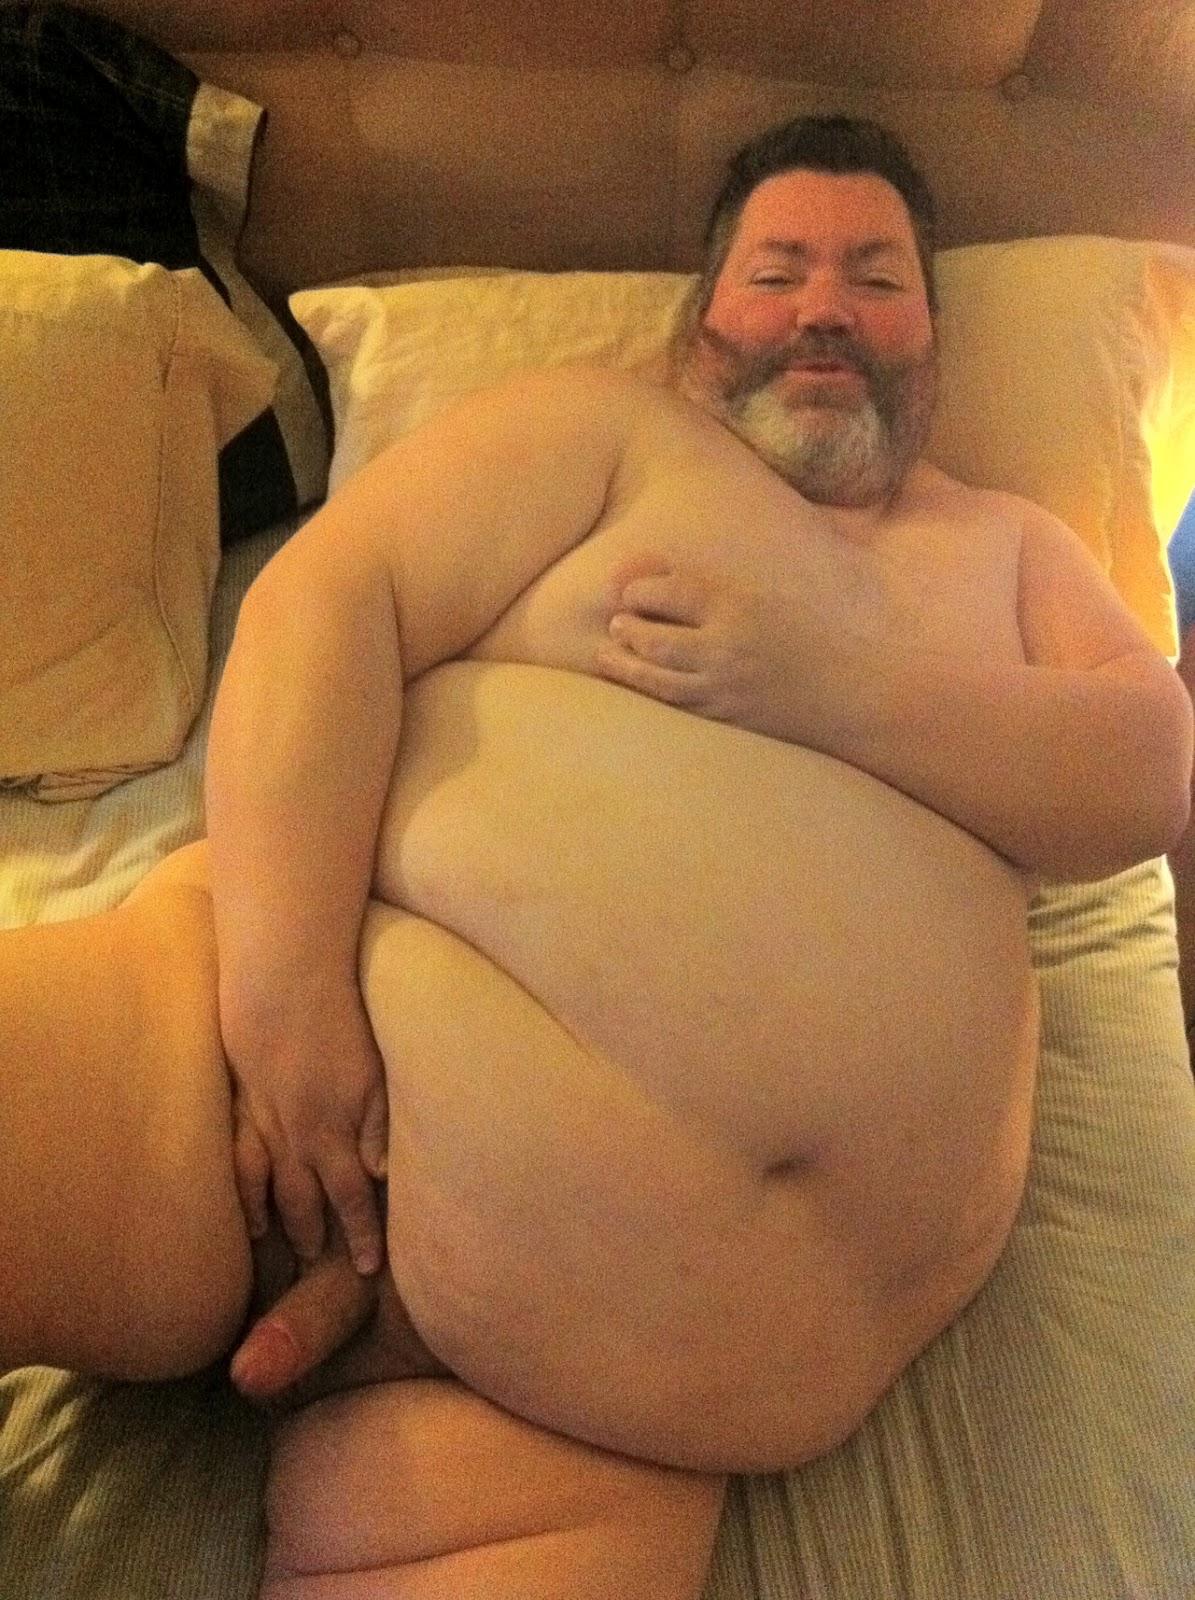 Abuelos Pollas Grandes Pajeandose Porno fotos de penes grandes erectos y peludos sexy erotic girls